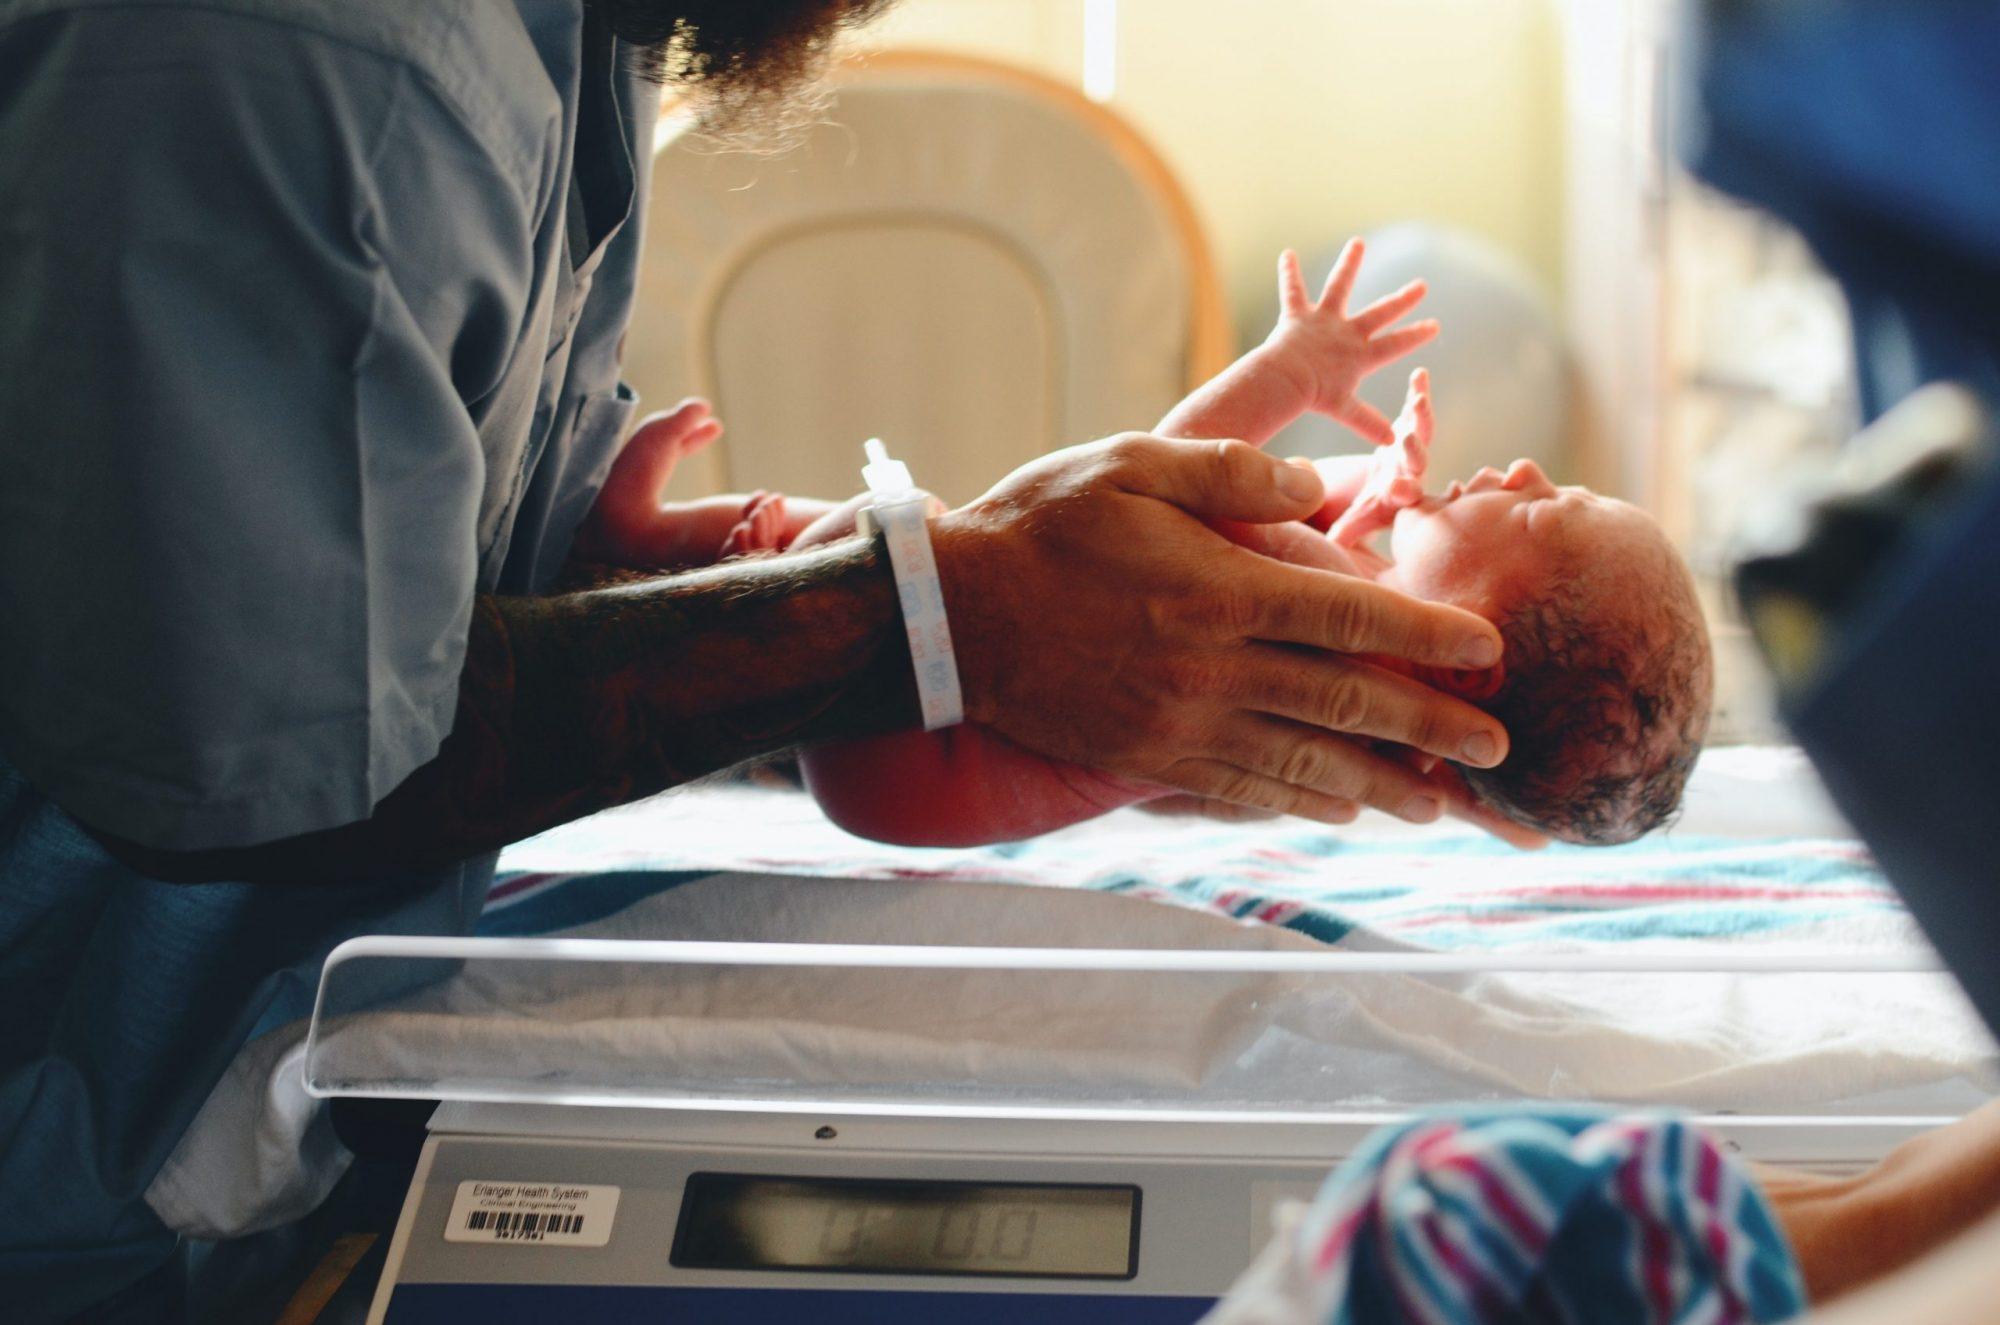 Tilastot kertovat: Poikkeusolot eivät vähentäneet vauvojen syntyvyyttä- päinvastoin